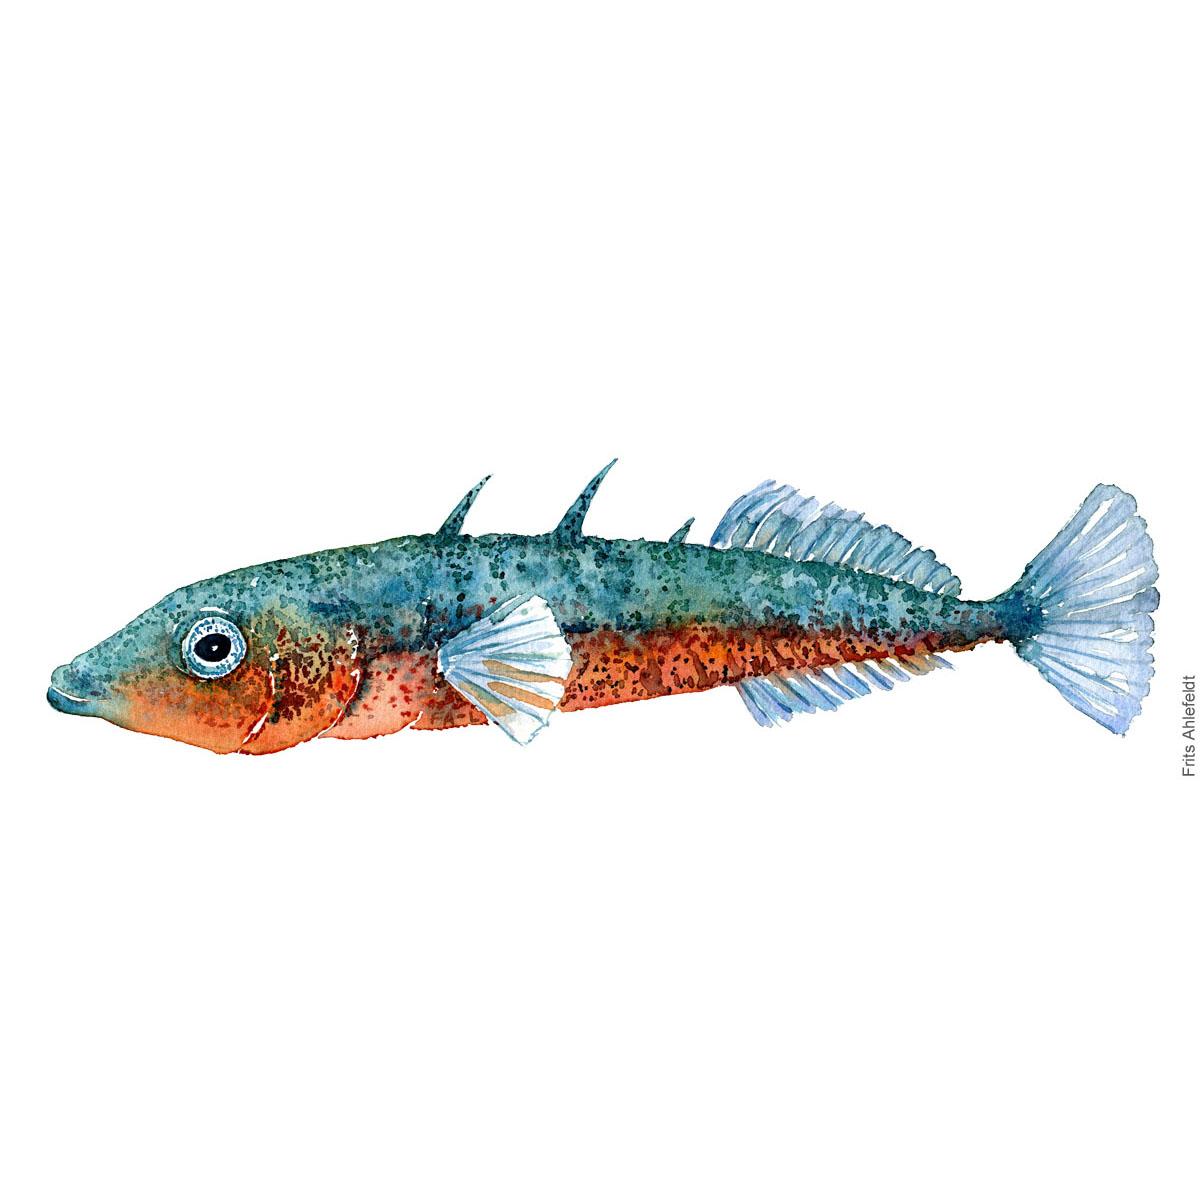 Trepigget hundestejle - Three spined stickleback fish watercolor illustration. Painting by Frits Ahlefeldt. Fiske akvarel